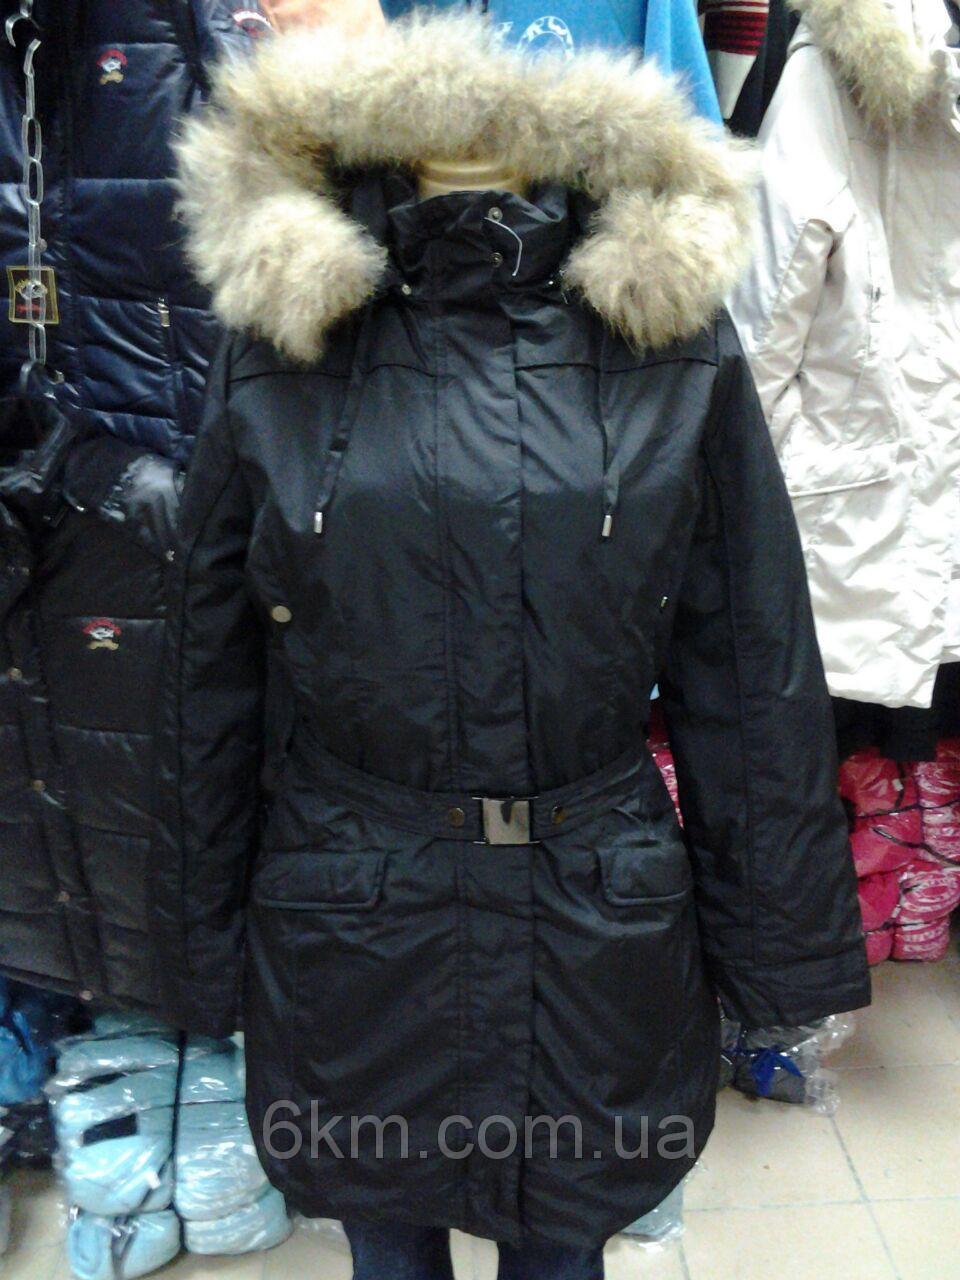 Жіноча зимова куртка чорна оптом ціна a8d47f0ca3900